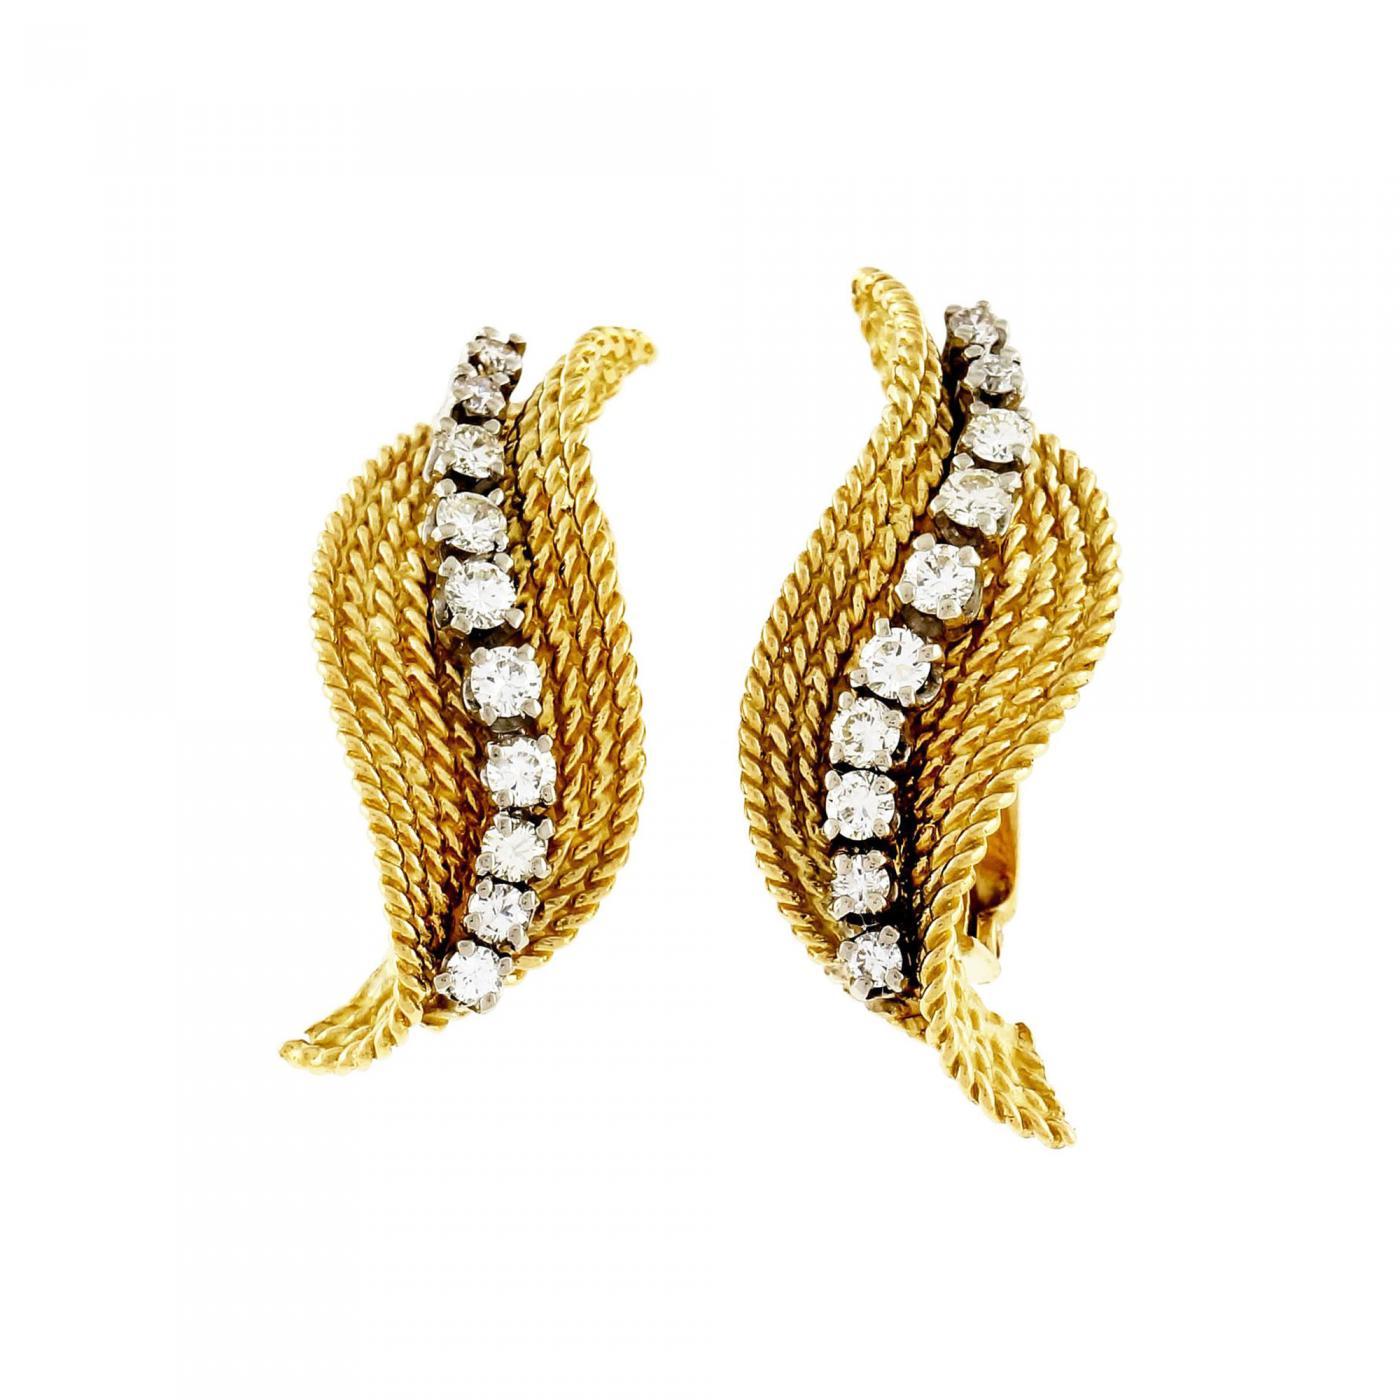 Tiffany & Co Tiffany & pany Diamond Yellow Gold Swirl Earrings